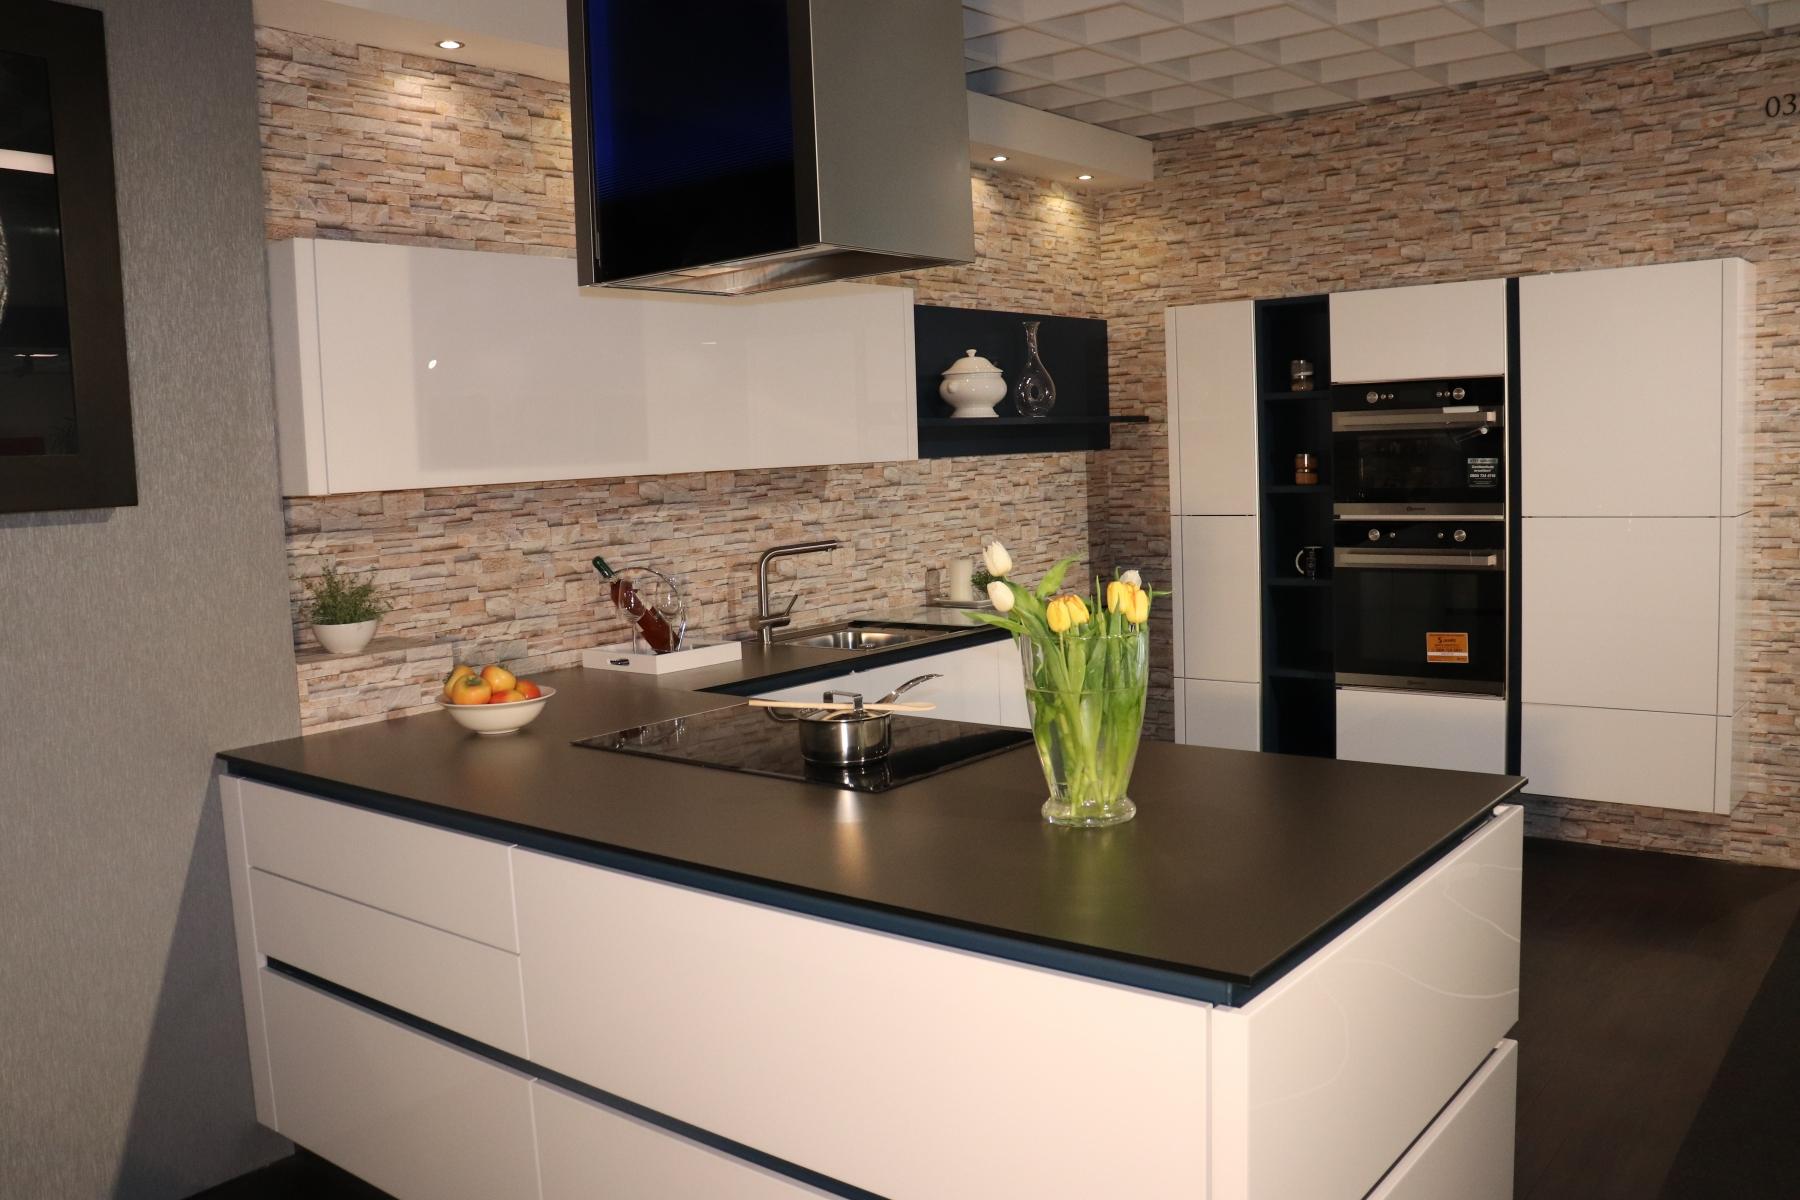 Full Size of Küche Ohne Geräte Günstig Kaufen Küche Ohne Geräte Erfahrungen Küche Ohne Geräte Kaufen Erfahrungen Respekta Premium Küche Ohne Geräte Küche Küche Ohne Geräte